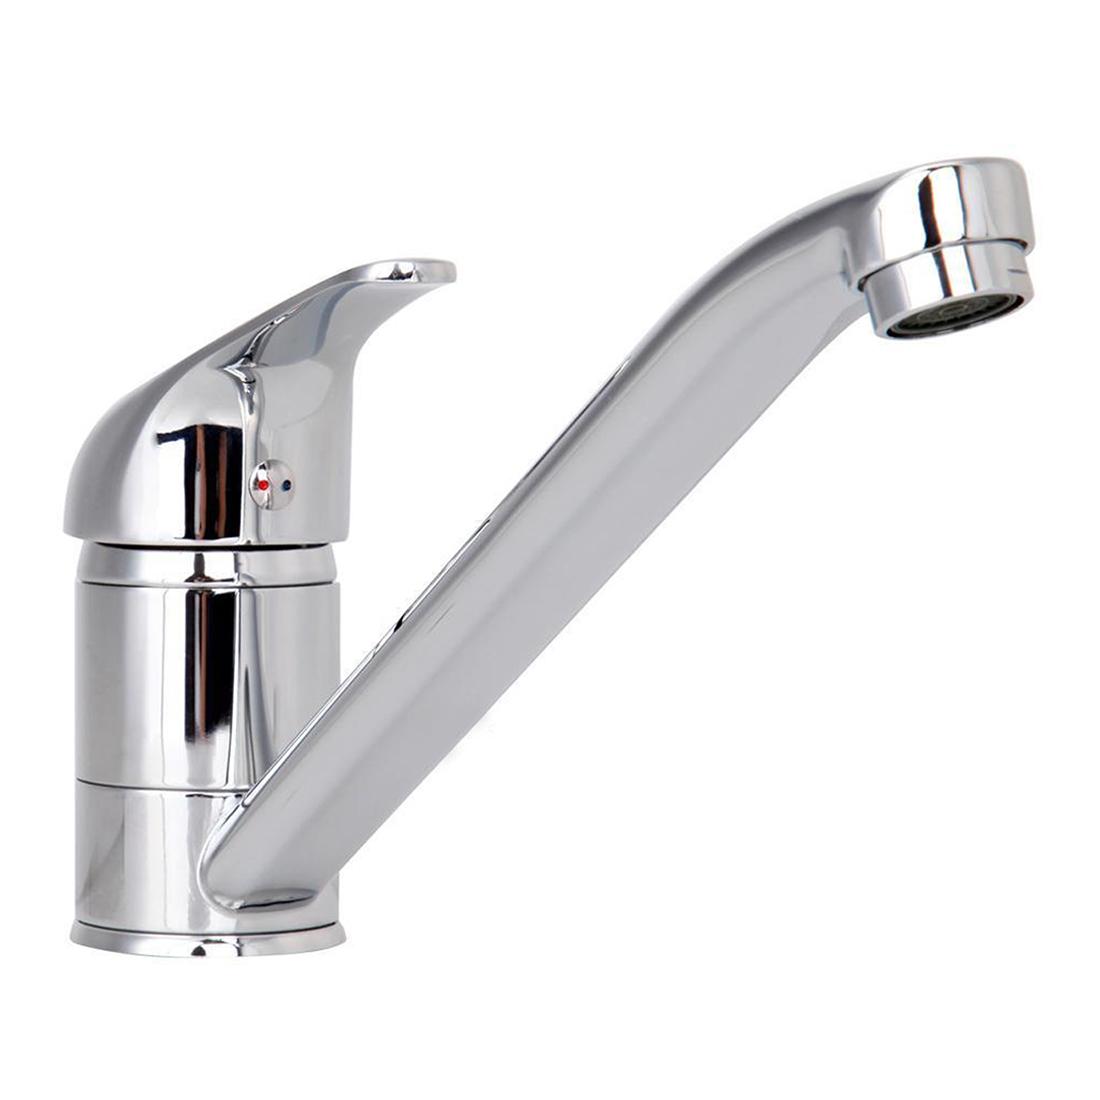 Wasserfall wasserhahn armatur waschtischarmatur bad kueche - Wasserfall armatur ...